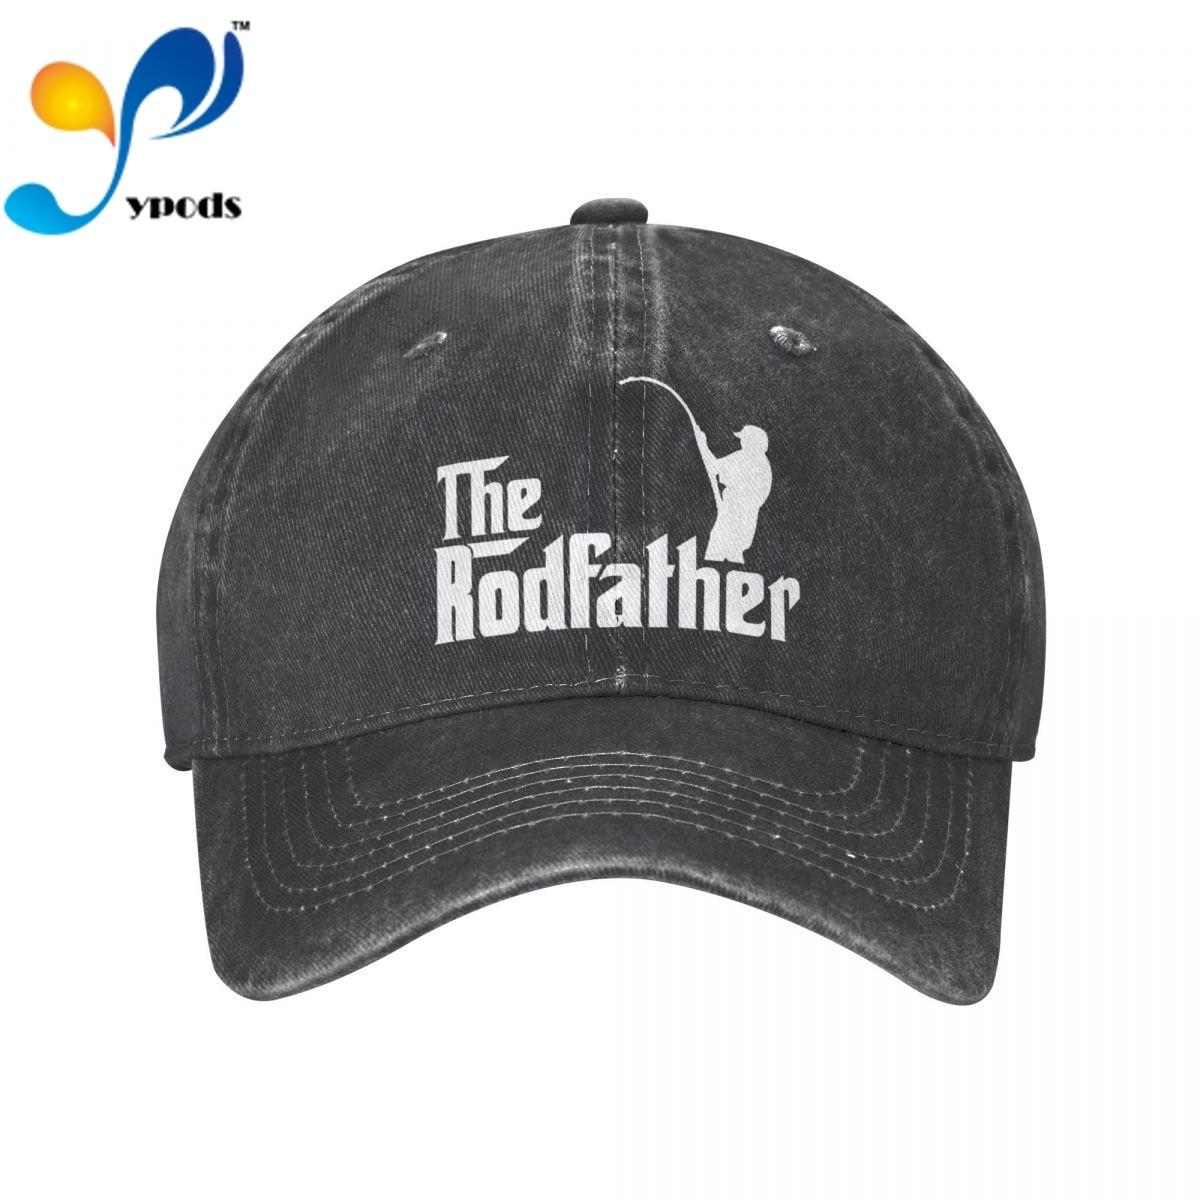 Джинсовая Бейсболка The Todfather, Снэпбэк Кепка, осенне-летняя шапка для мужчин и женщин, Мужская кепка, кепка, шапки